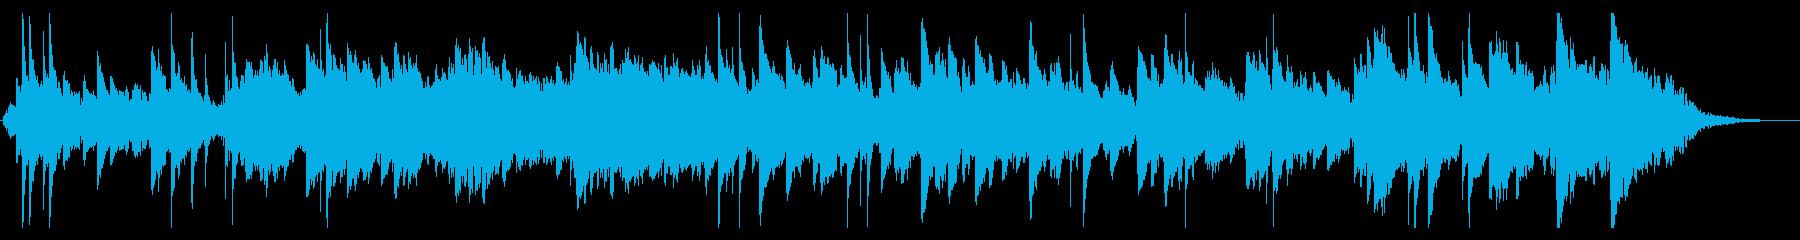 オルゴールが奏でる✡都市伝説✡ミステリーの再生済みの波形